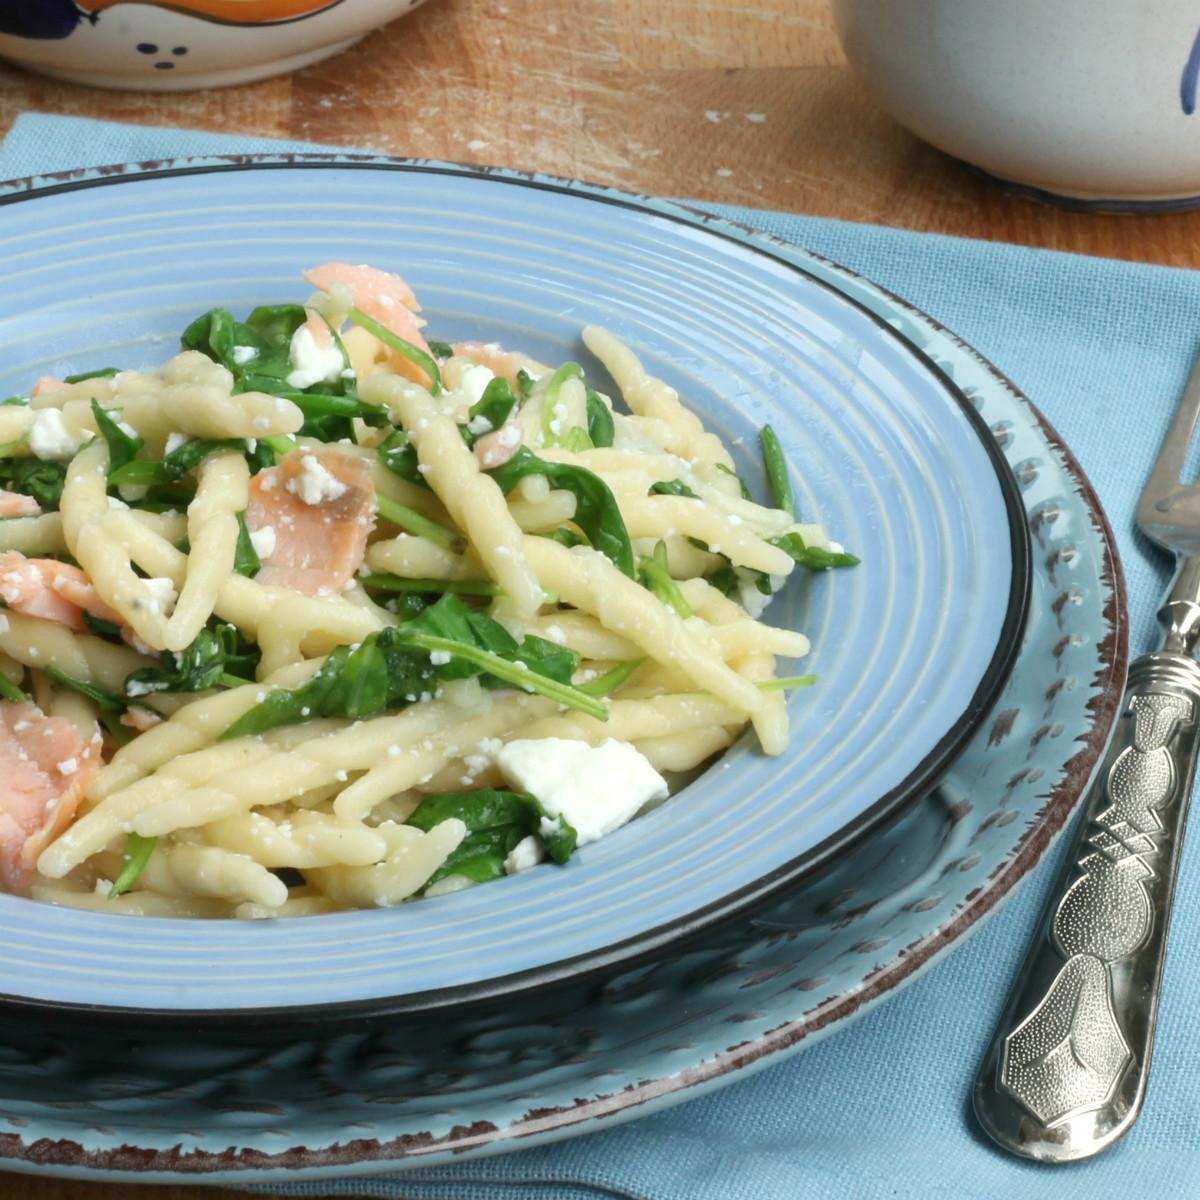 TROFIE CON SALMONE ricetta pasta fresca con salmone affumicato